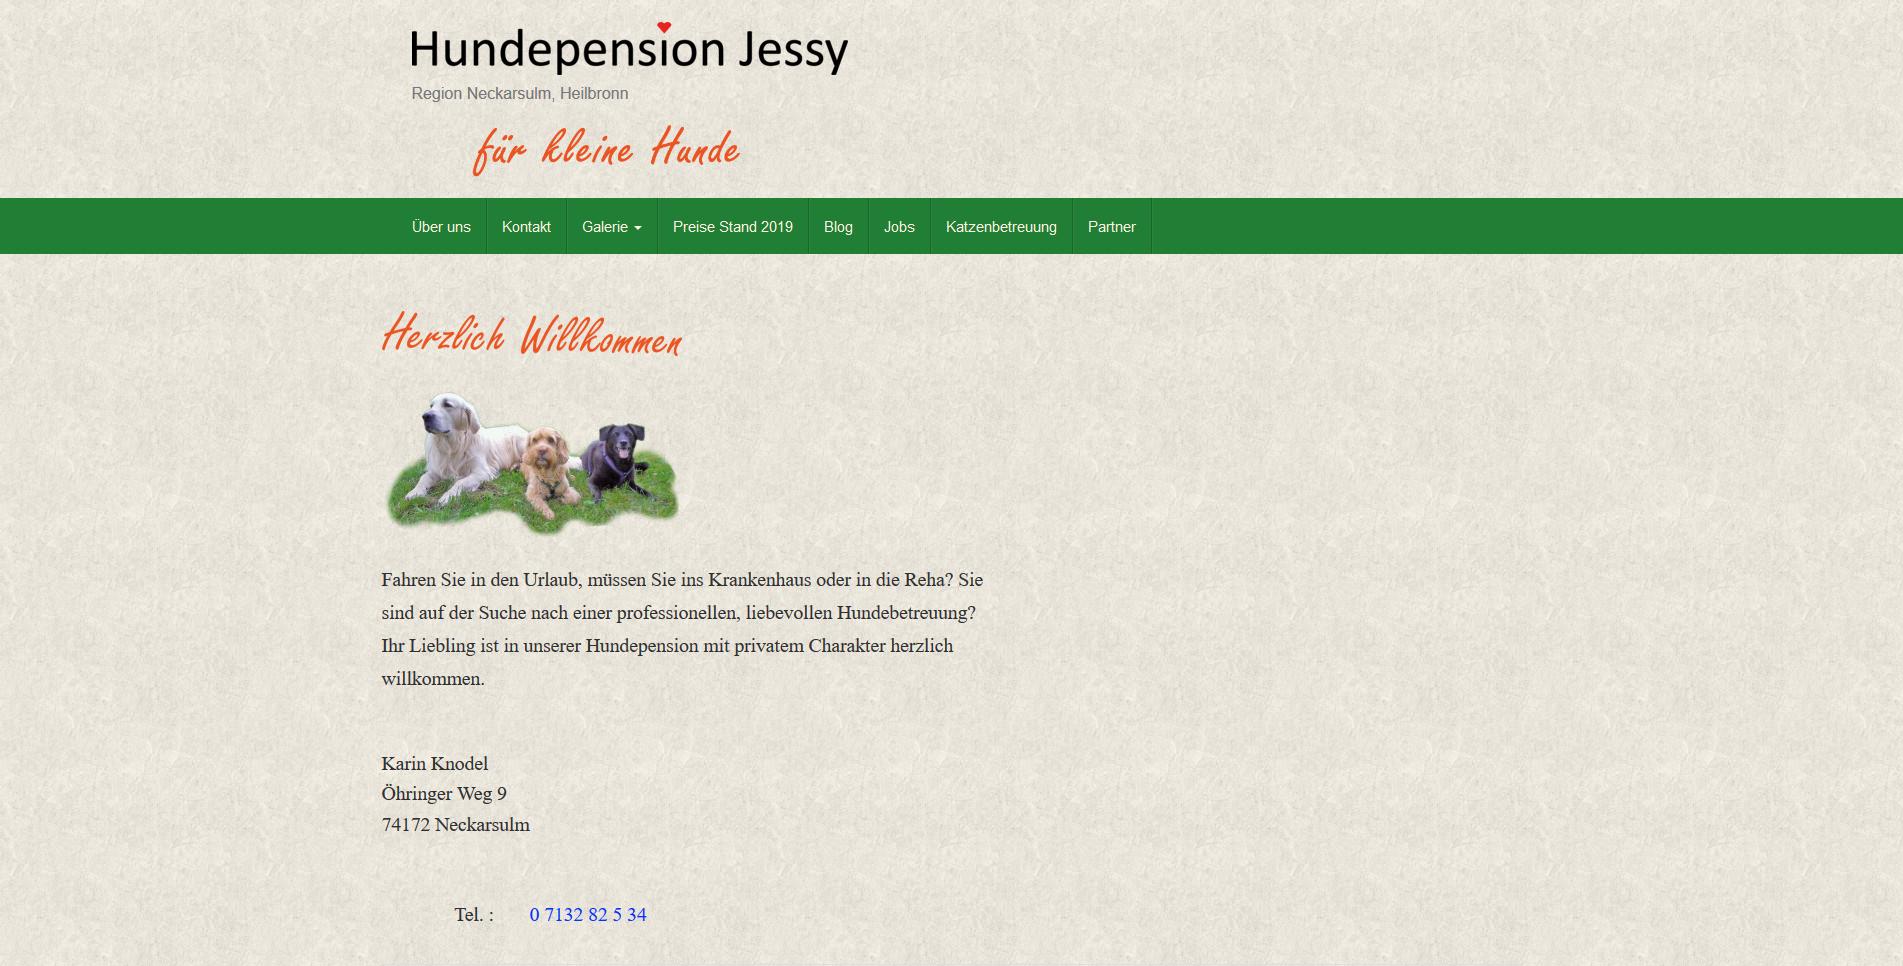 Hundepension Jessy